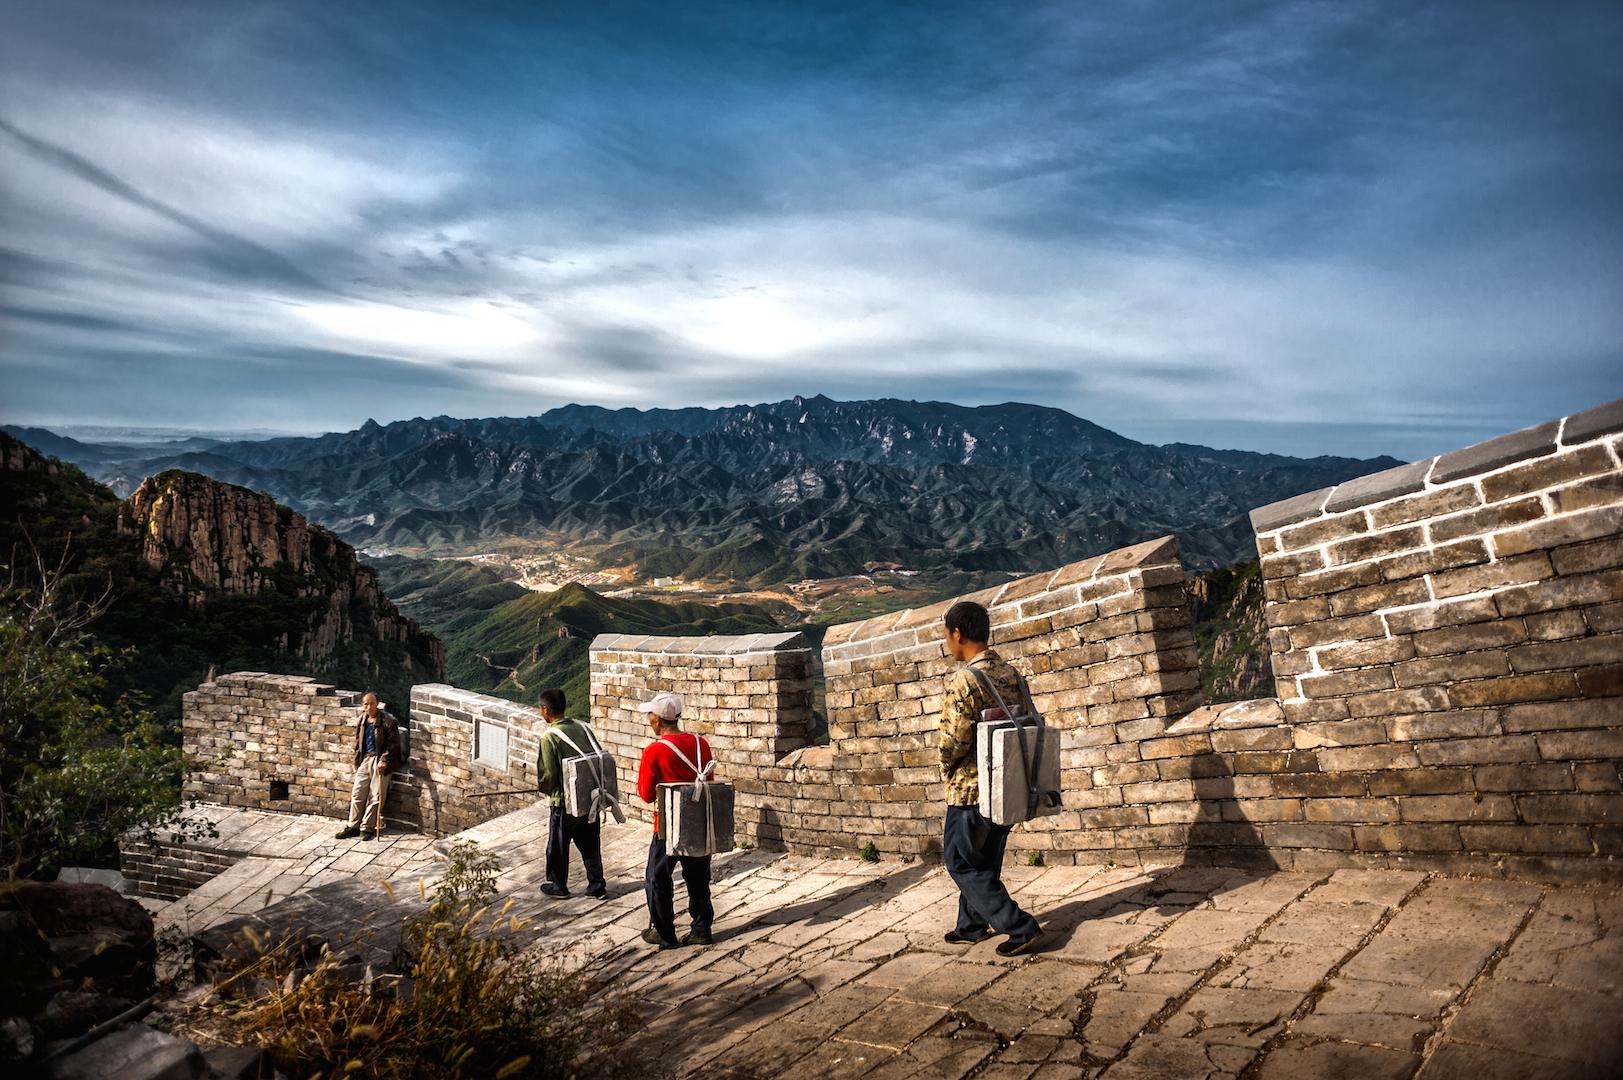 Des travailleurs chinois, pour beaucoup des descendants des soldats aux ordres du Général Qi Jiguang sous les Ming (1368-1644), à pied d'oeuvre sur le tronçon de Banchangyu de la Grande Muraille, à Qinhuangdao, dans la province du Hebei au nord de la Chine, le 3 novembre 2017. (Crédits : SUN CHANGJIANG / IMAGINECHINA / via AFP)